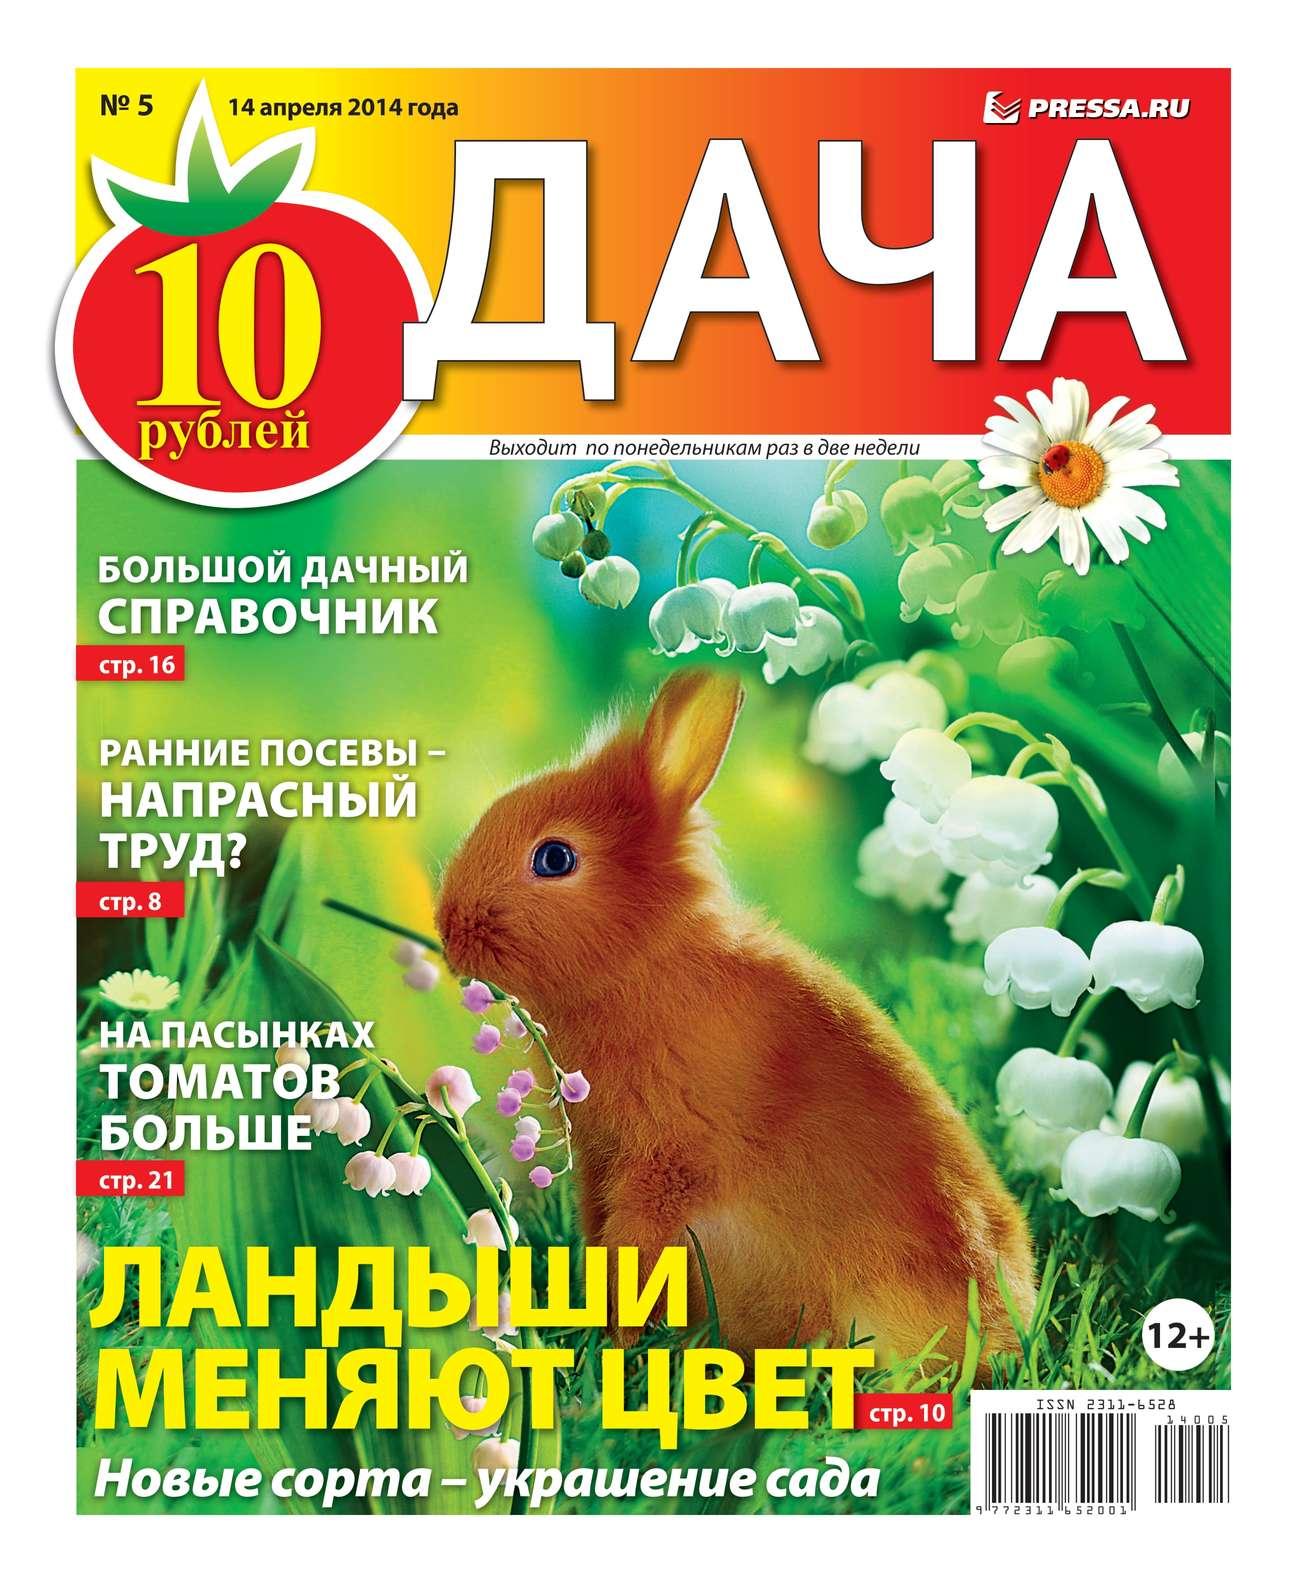 Редакция газеты Дача Pressa.ru Дача 05-2014 газеты